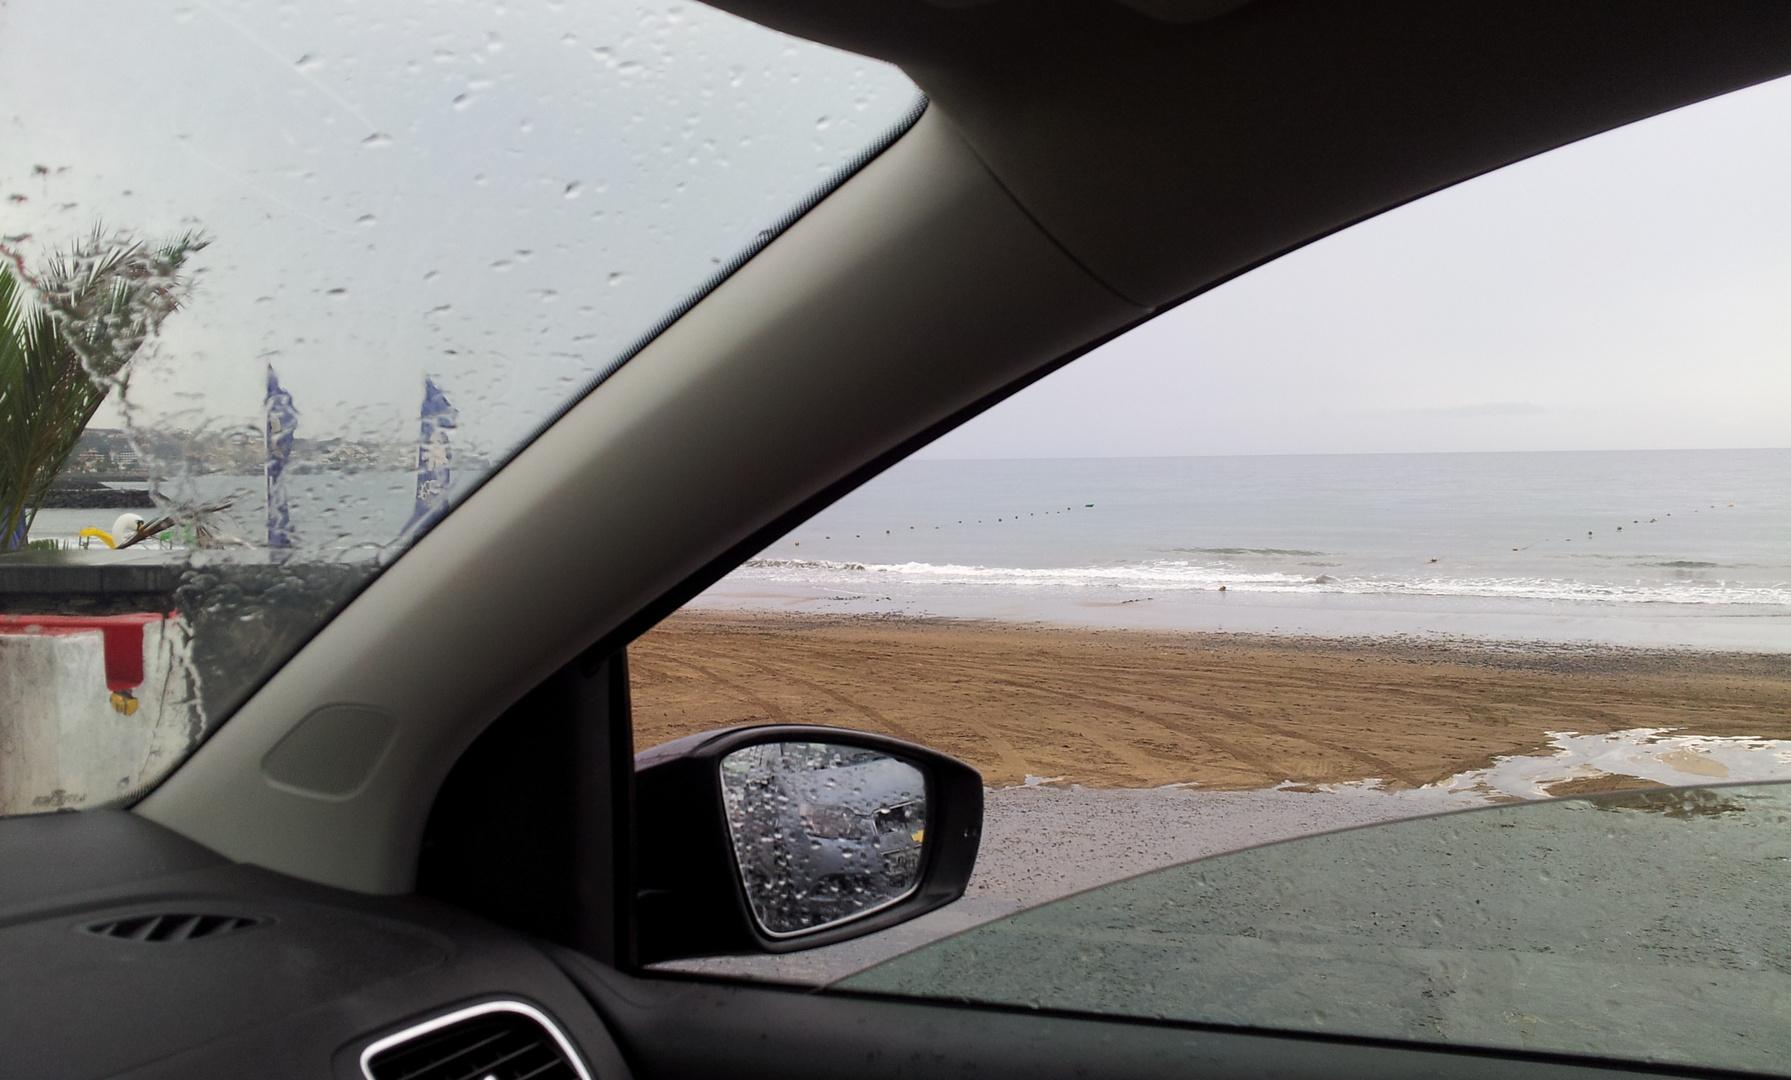 Höchst selten - es regnet!!!